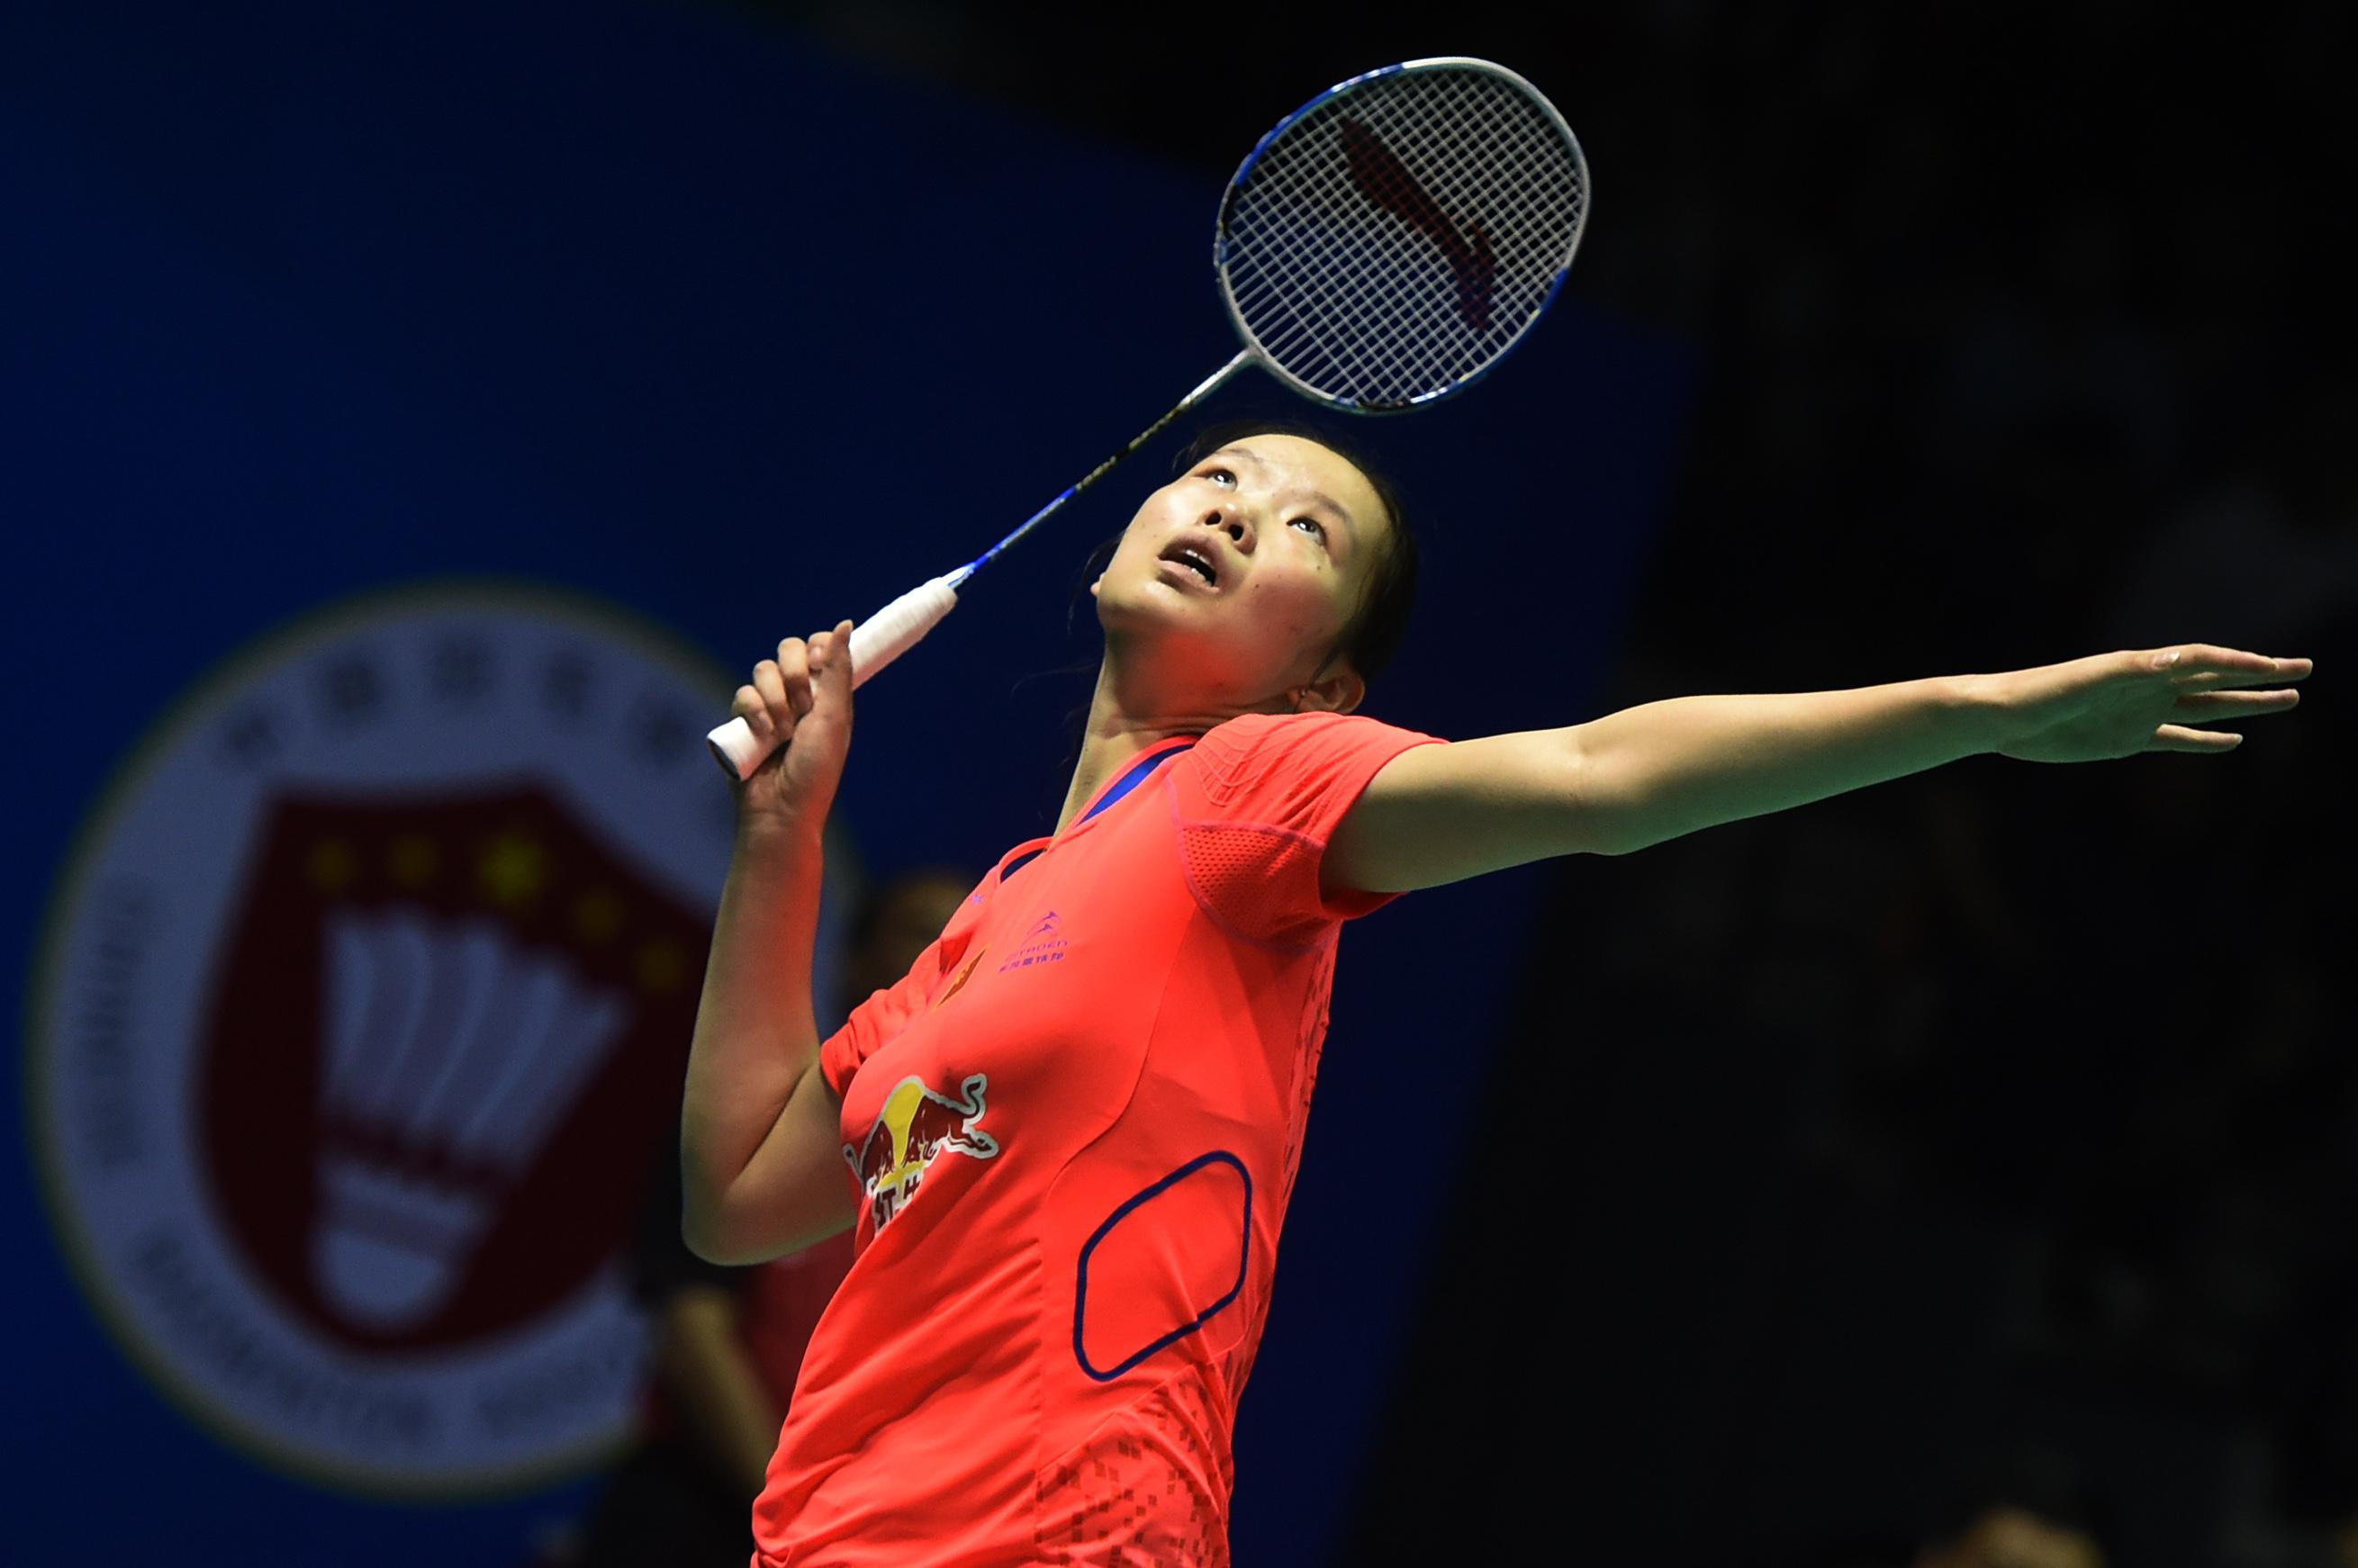 (锐亚军)(1)羽毛球--亚锦赛:李雪芮获女单美女视角看见痰吐图片